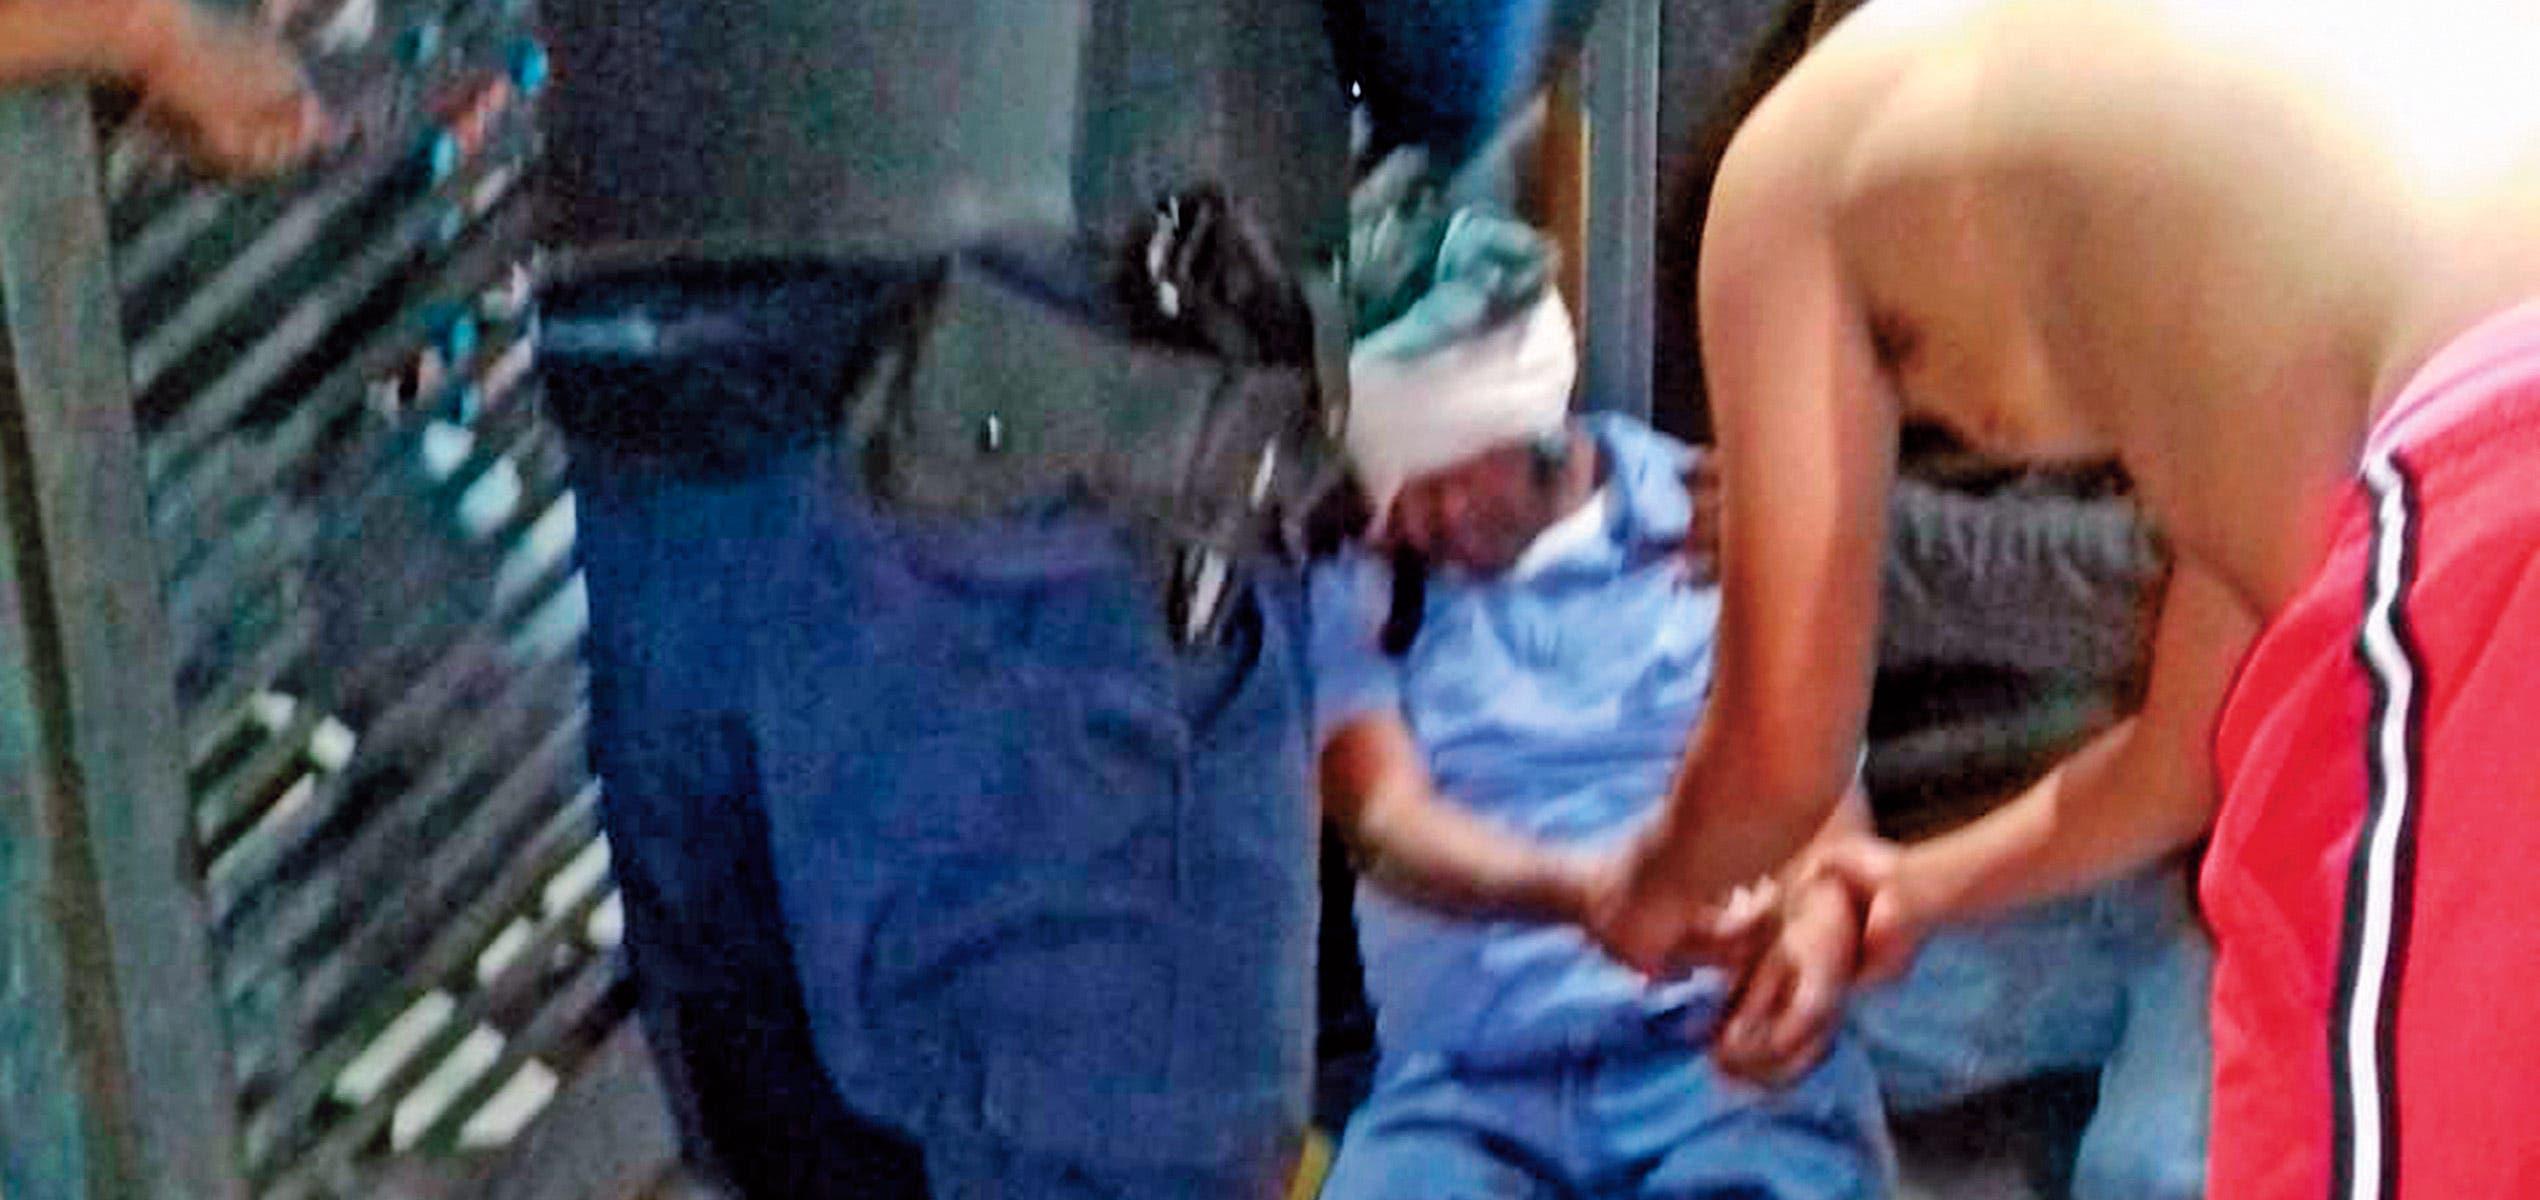 Con golpe de botella dejan inconsciente a un hombre en pelea campal